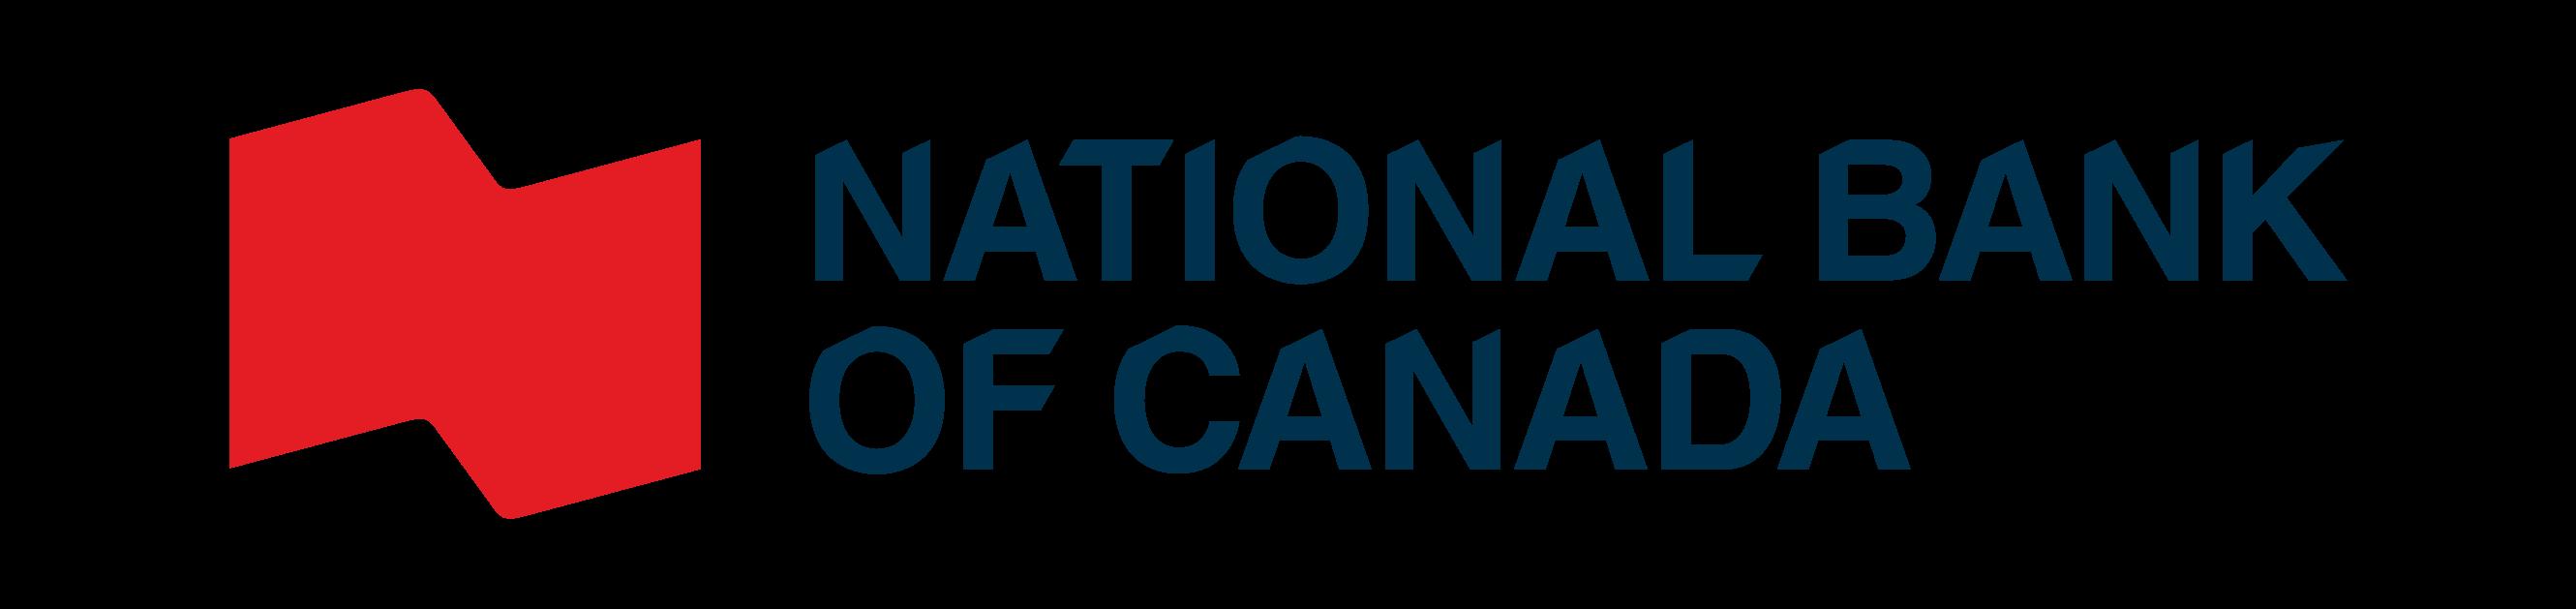 Logotipo do National Bank of Canada